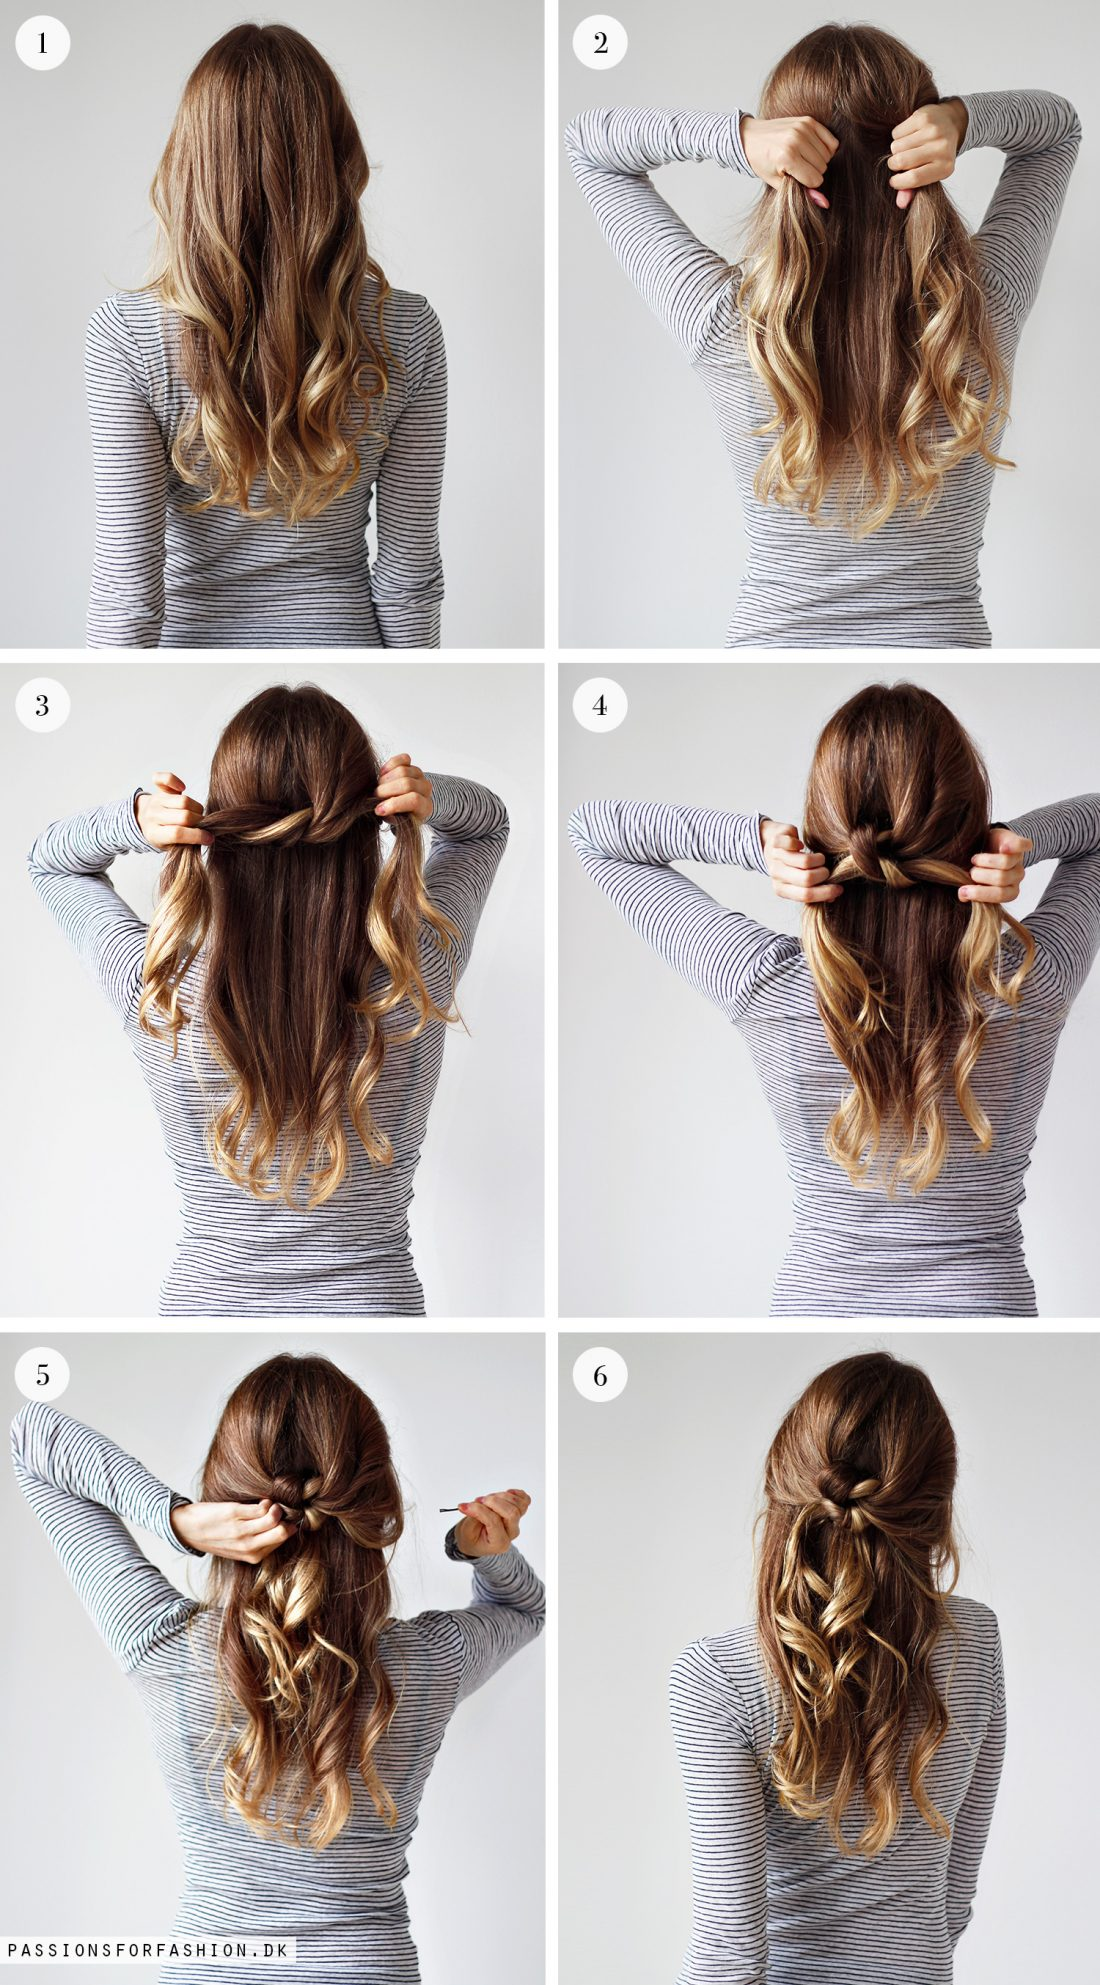 hvordan sætter man hår